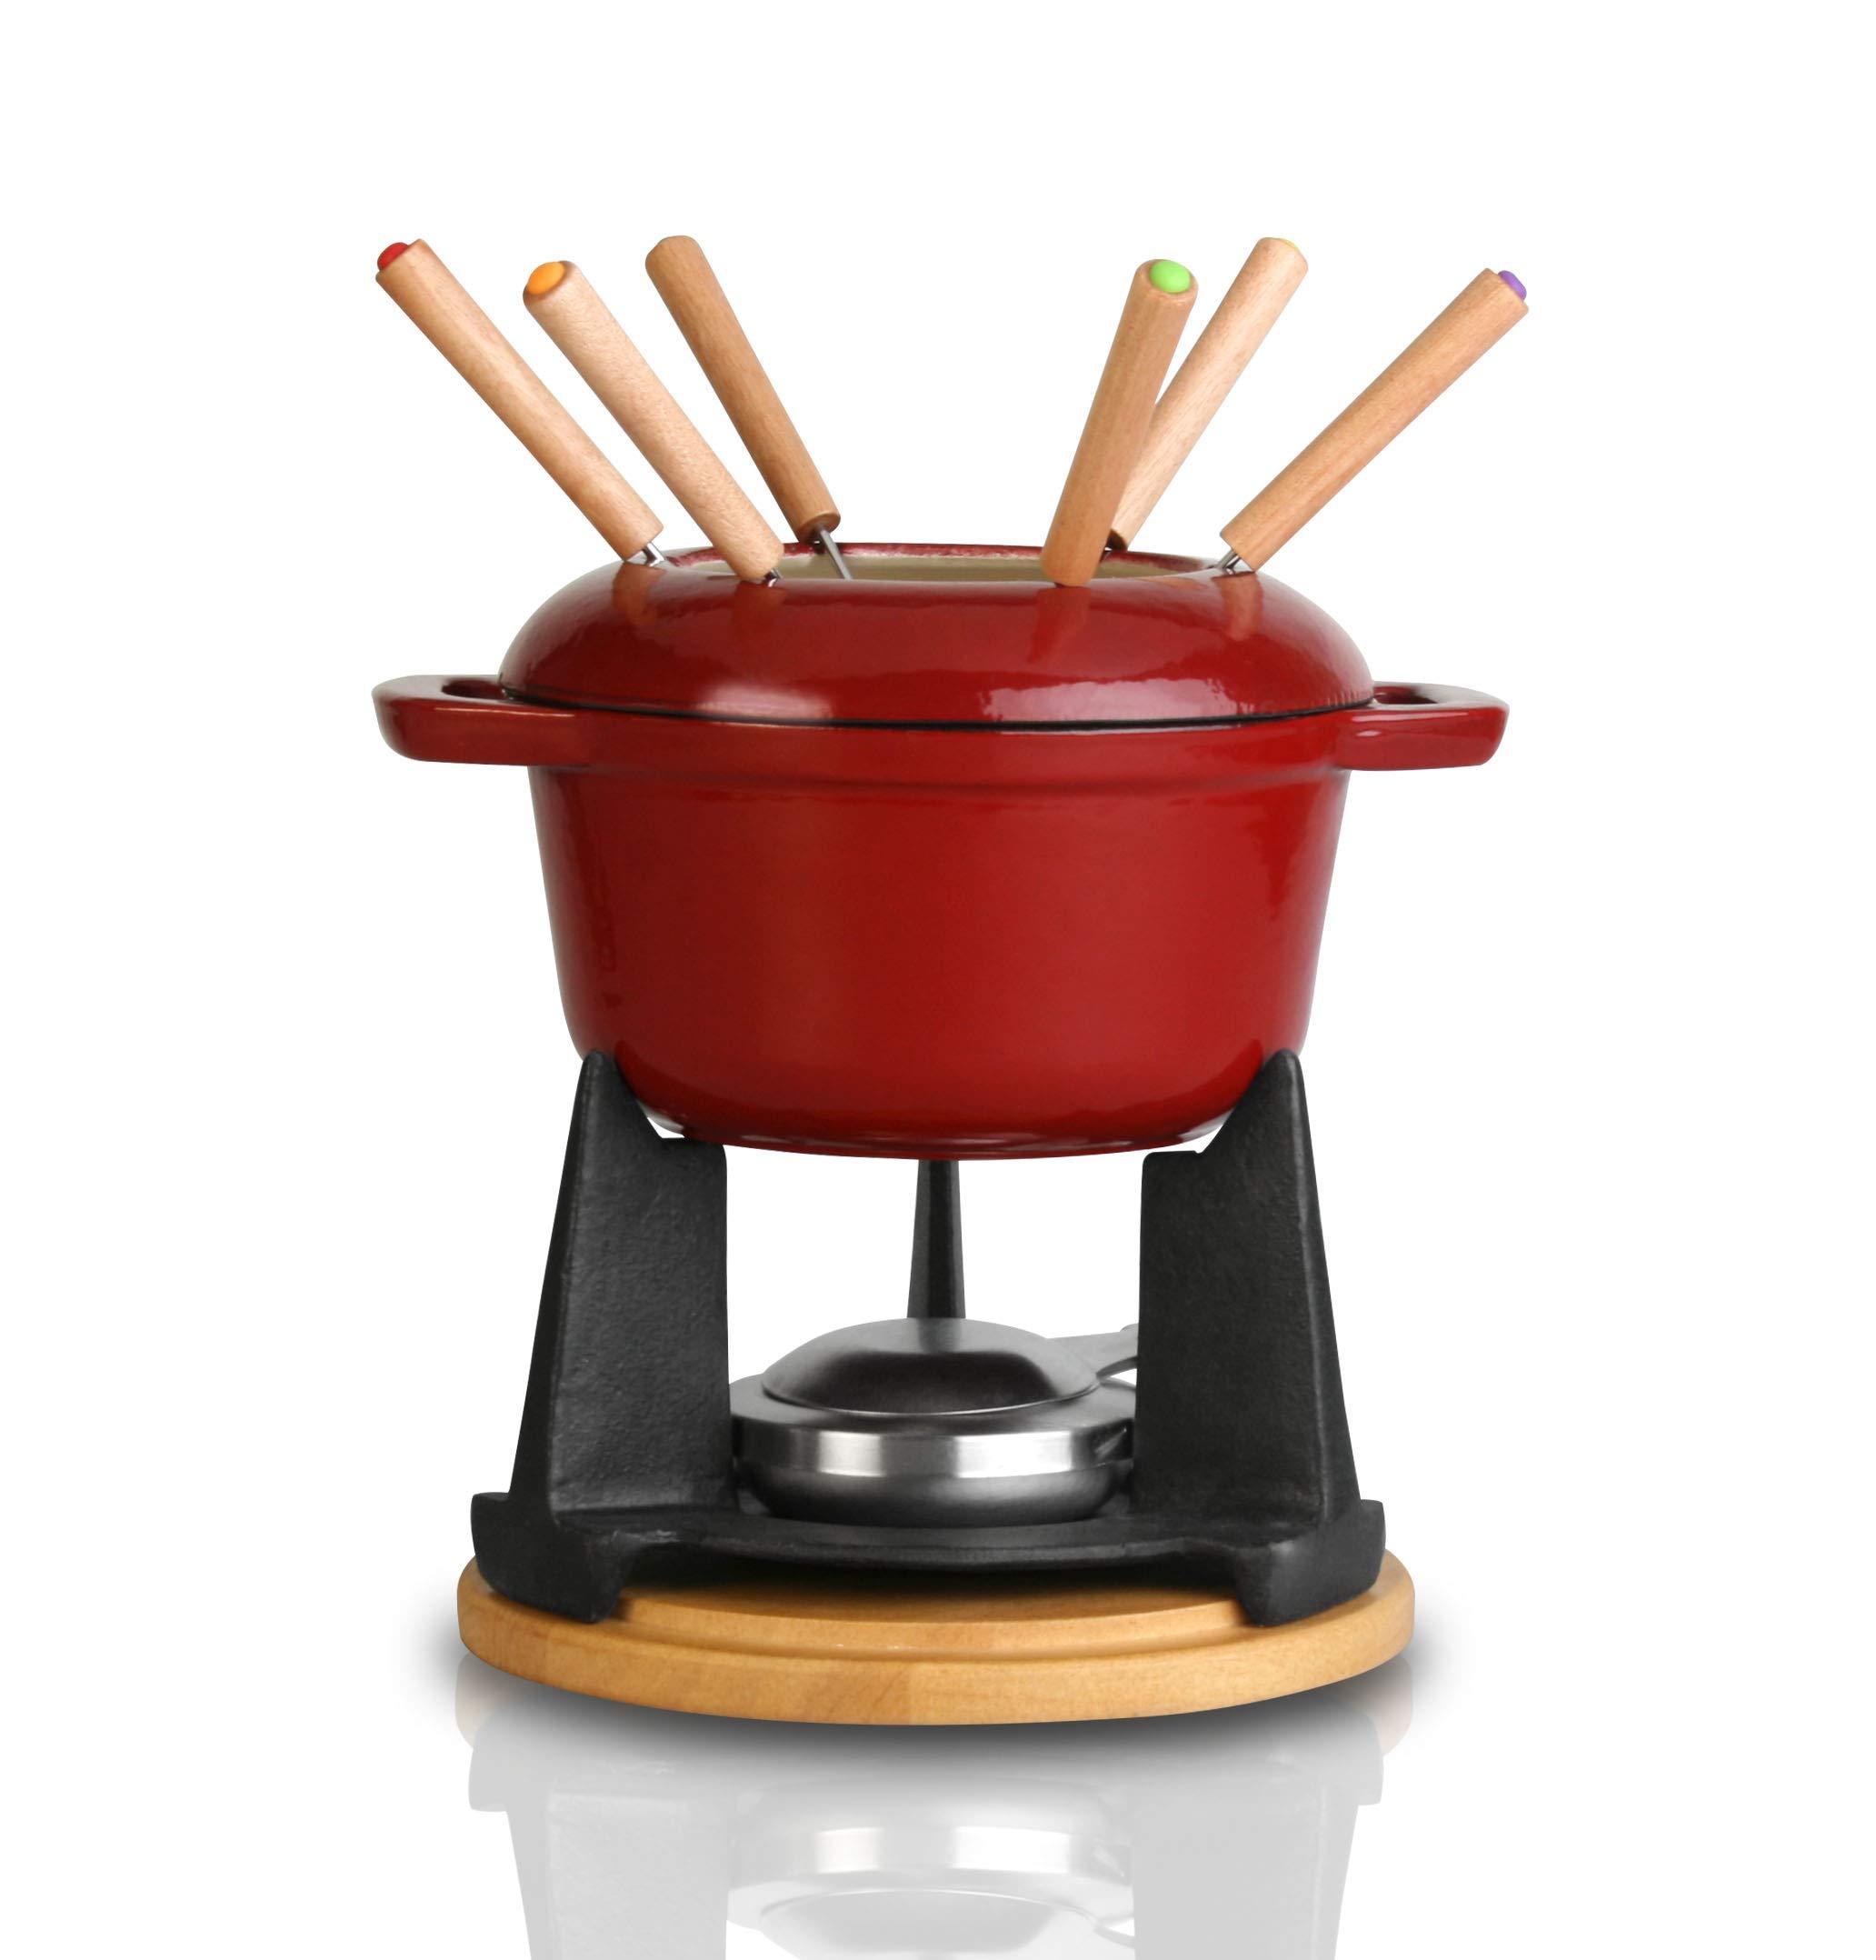 Artestia Cast Iron Fondue Set, 11-Piece, Serve 6 Persons (Red) by Artestia